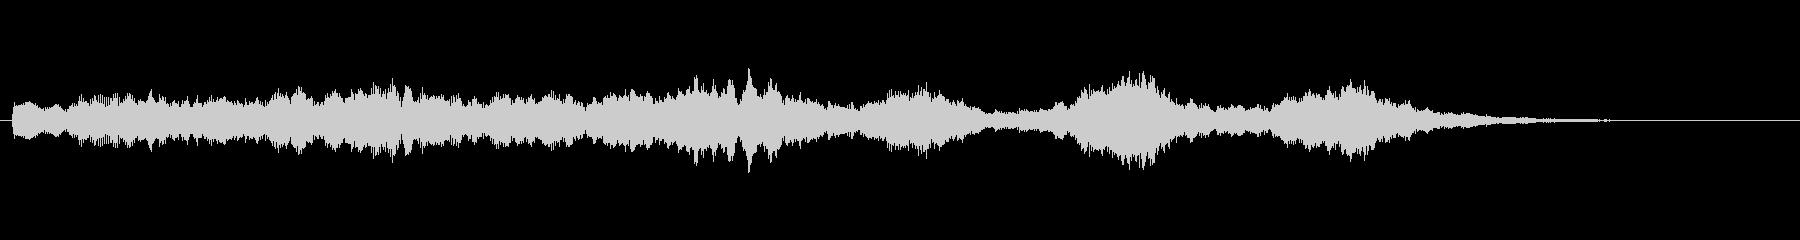 オープニングベル5の未再生の波形